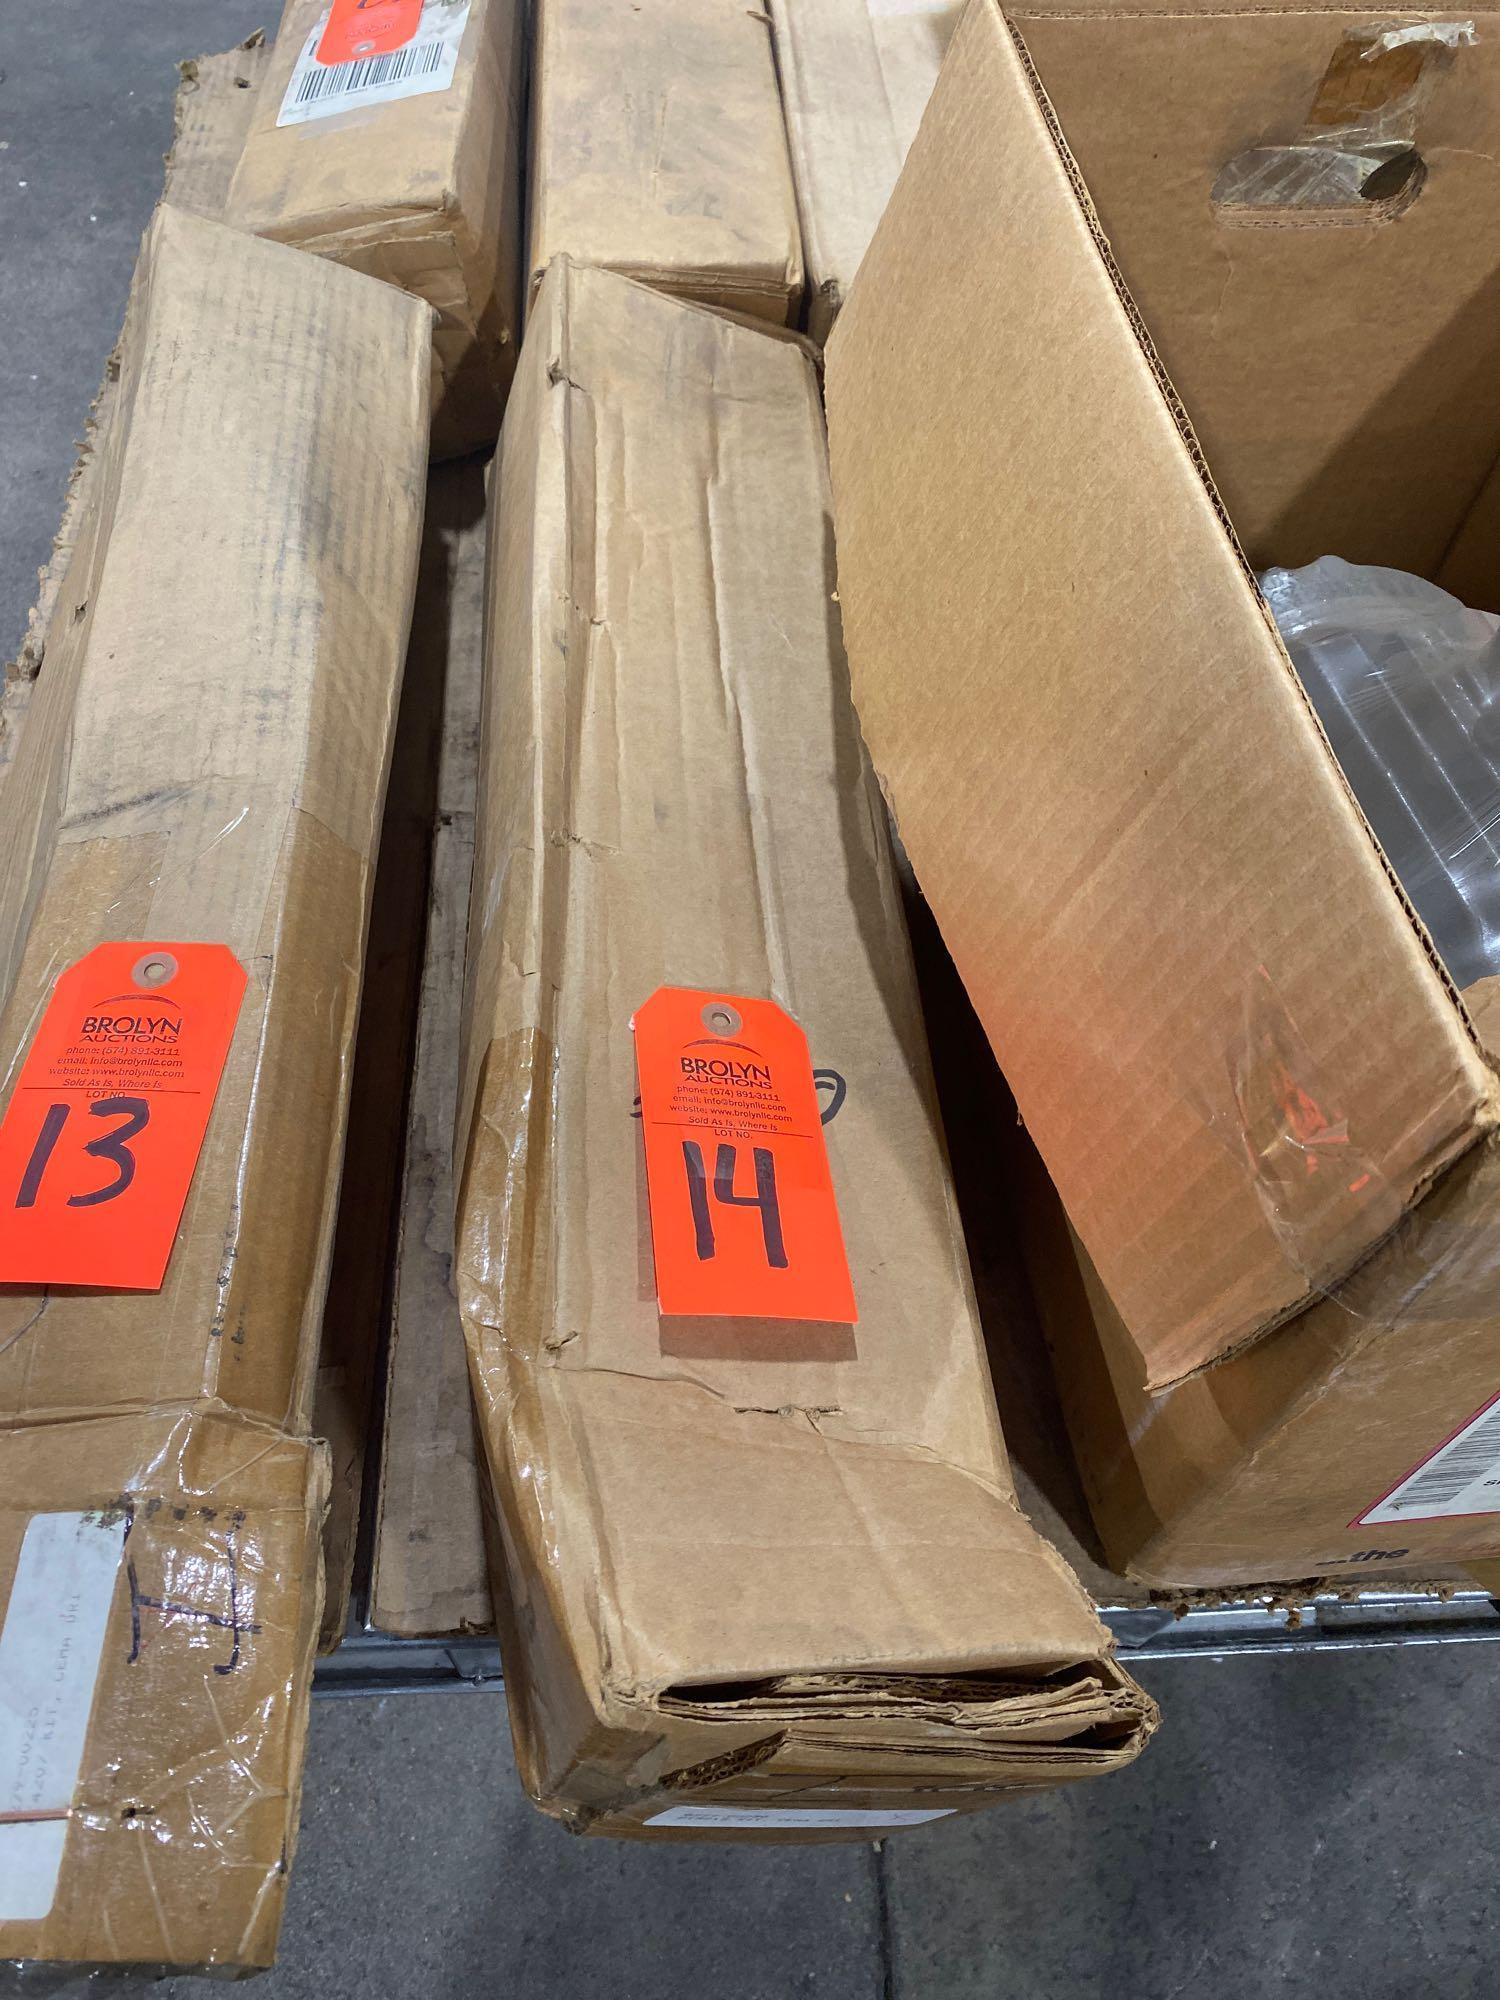 Lot 14 - Hub City model 0279-00230 kit. New in box.